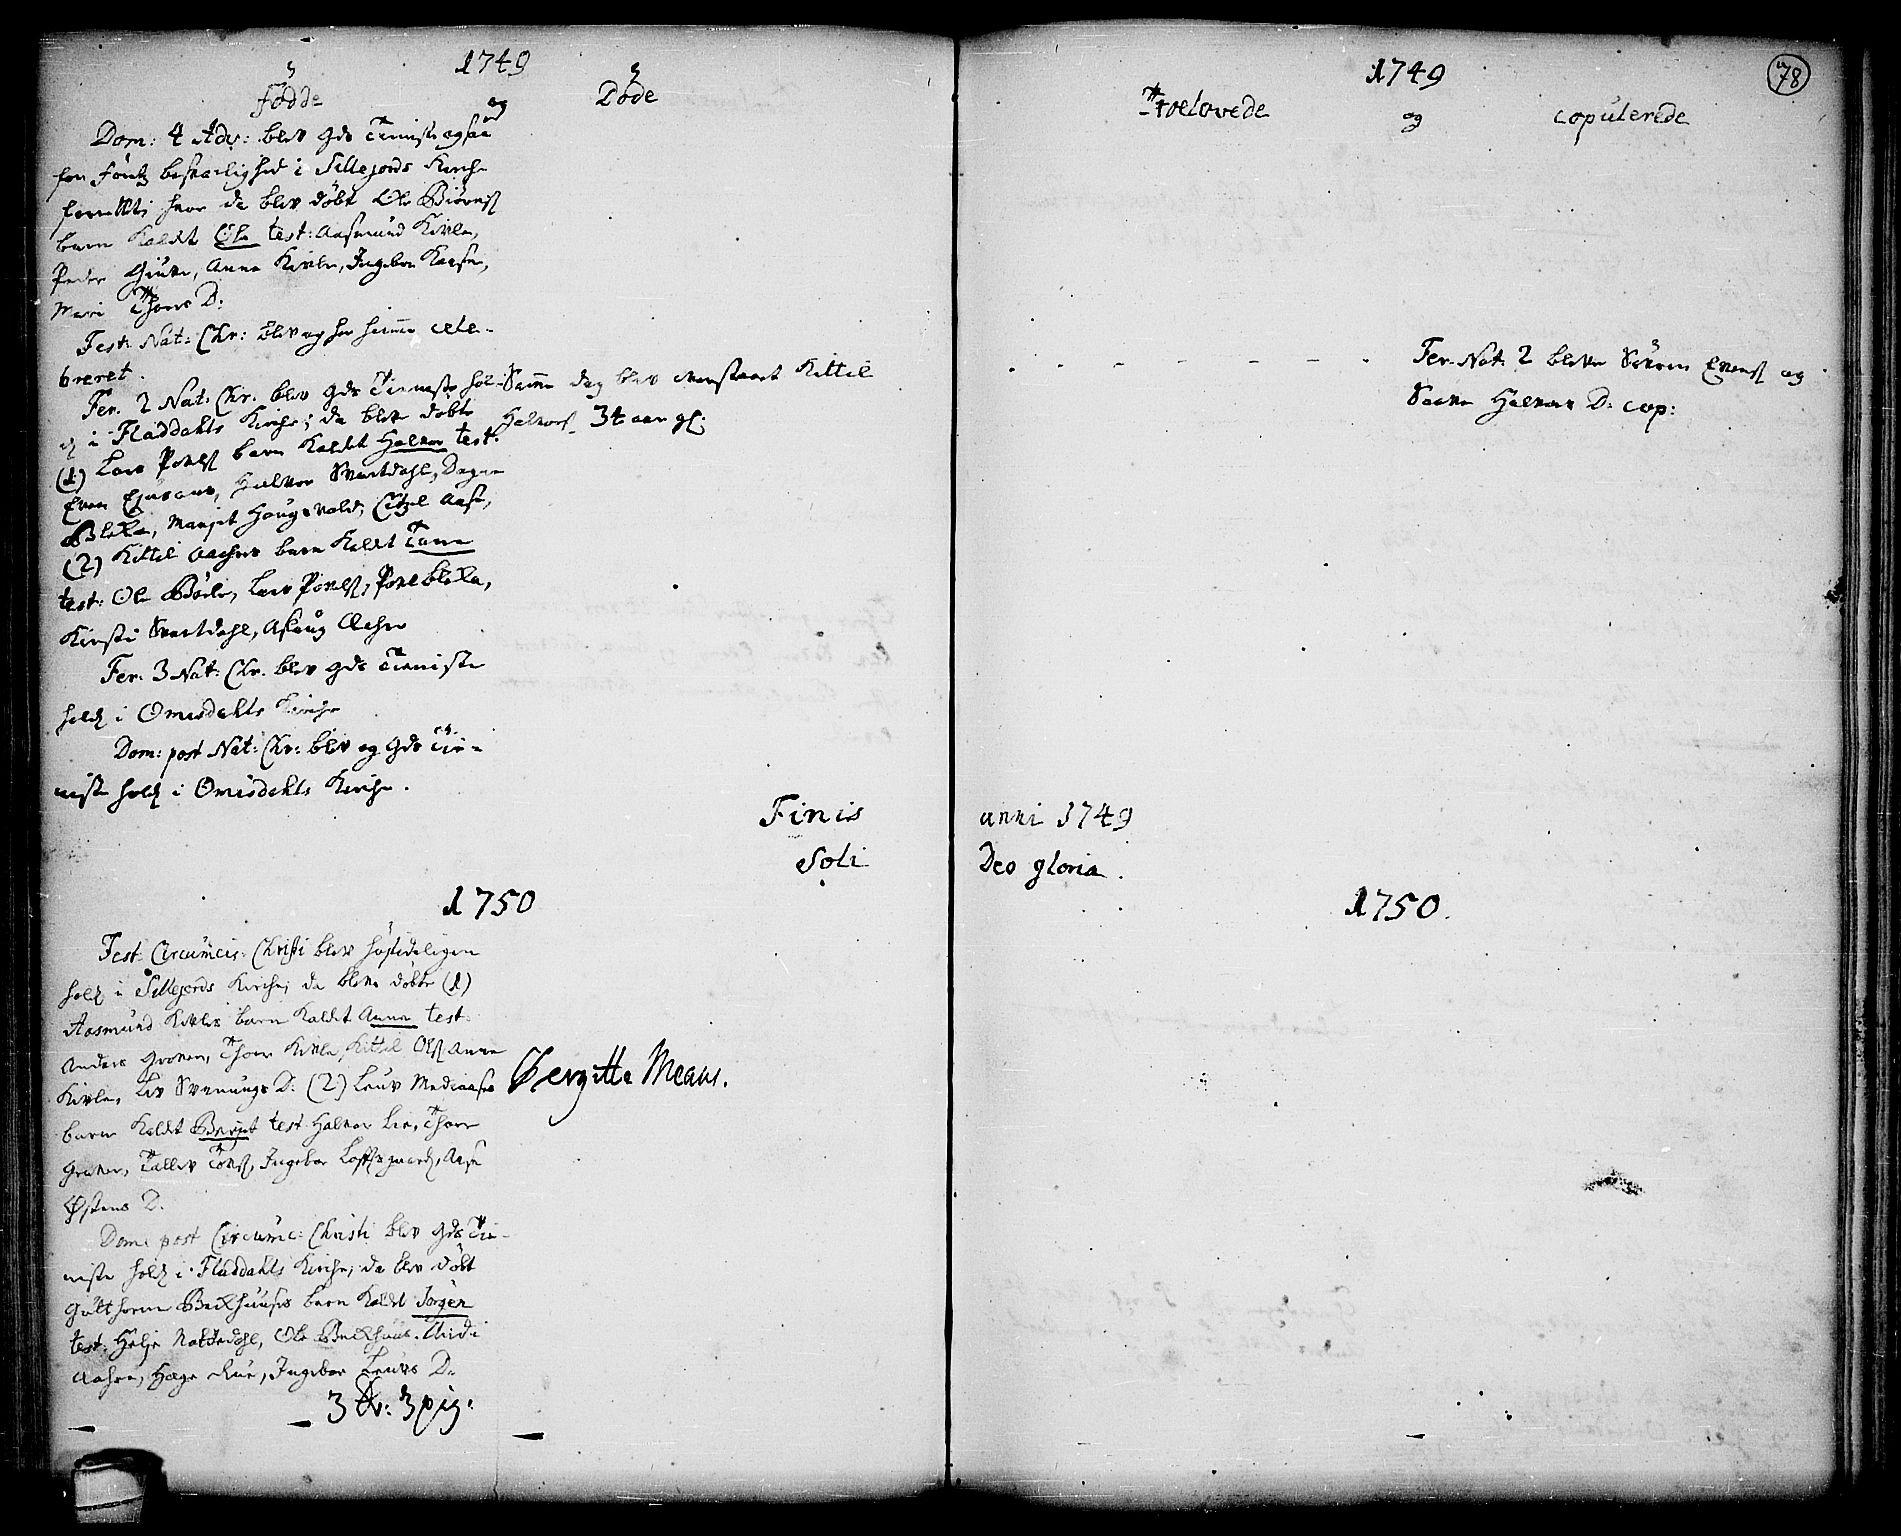 SAKO, Seljord kirkebøker, F/Fa/L0006: Ministerialbok nr. I 6, 1744-1755, s. 78